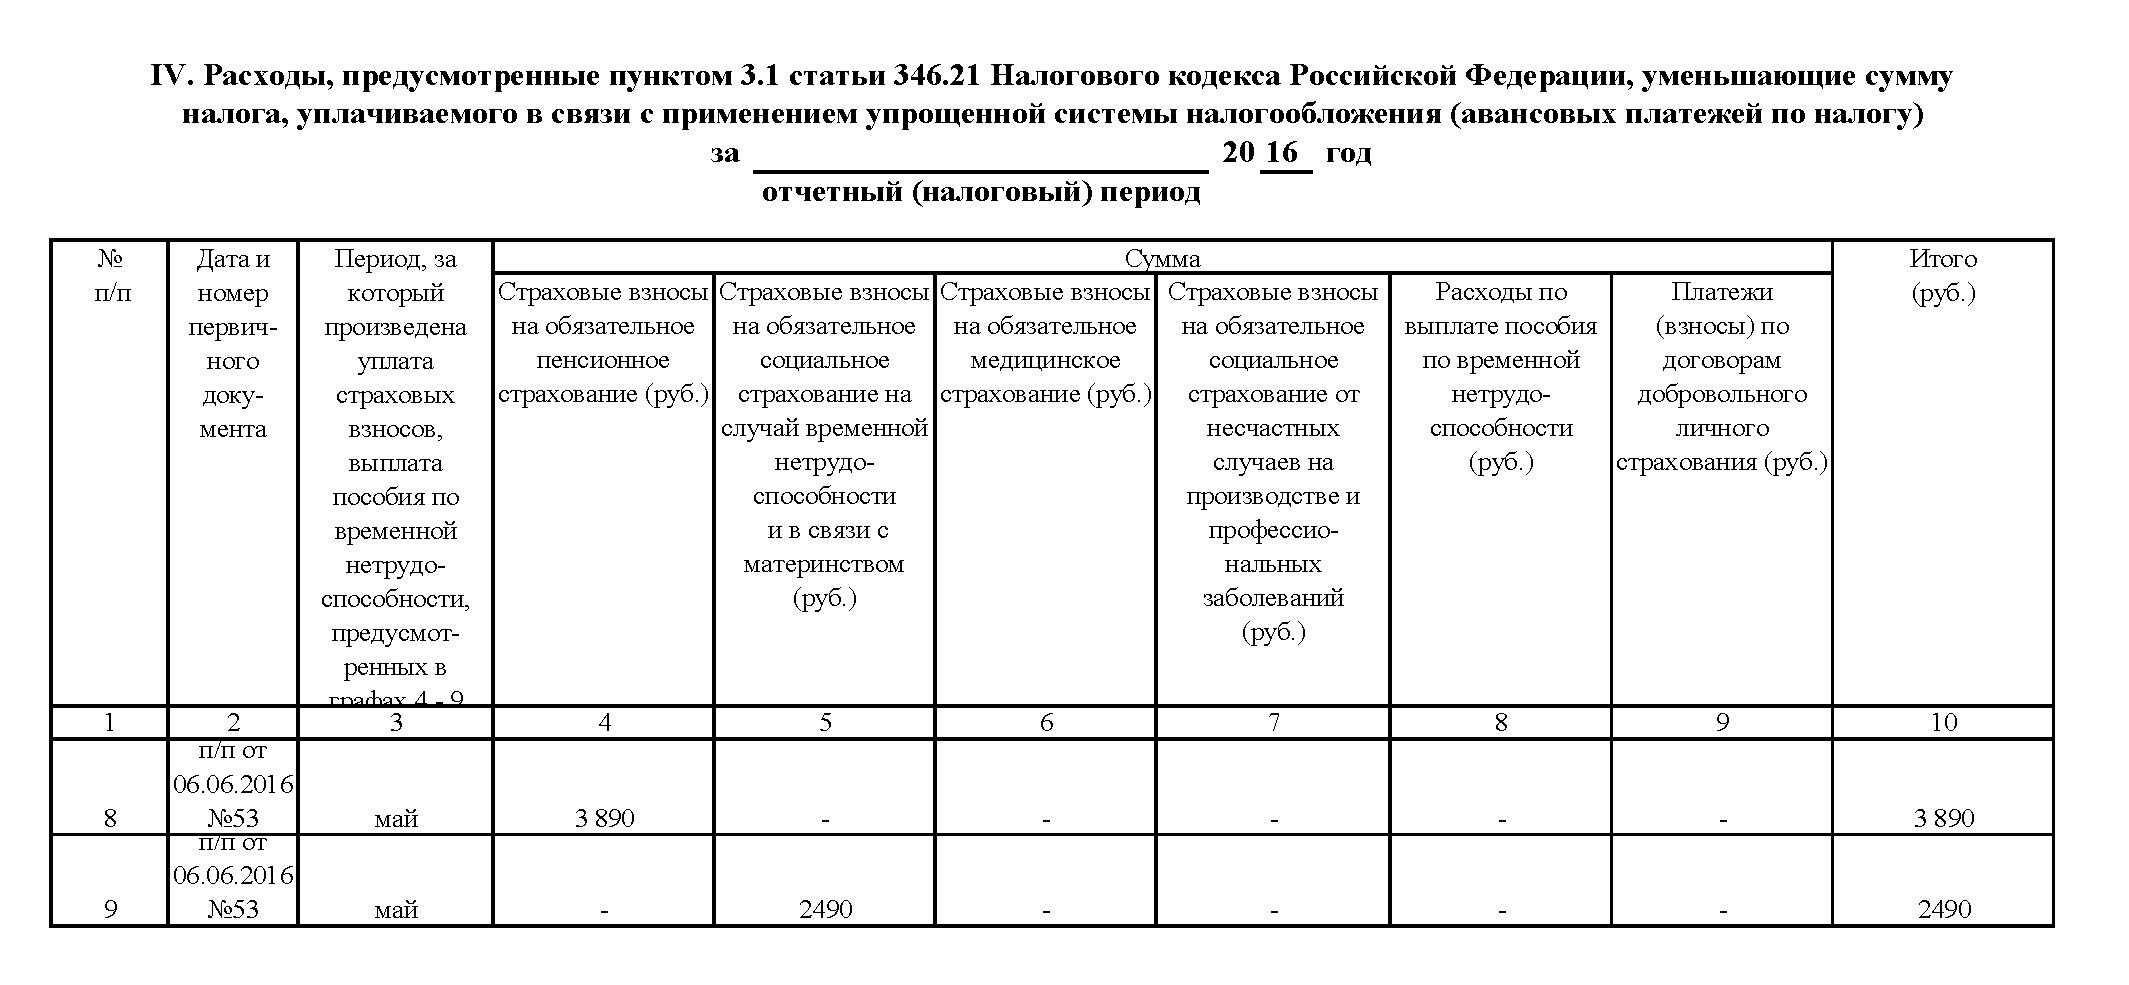 образец приказа о постановке на учет транспортного средства